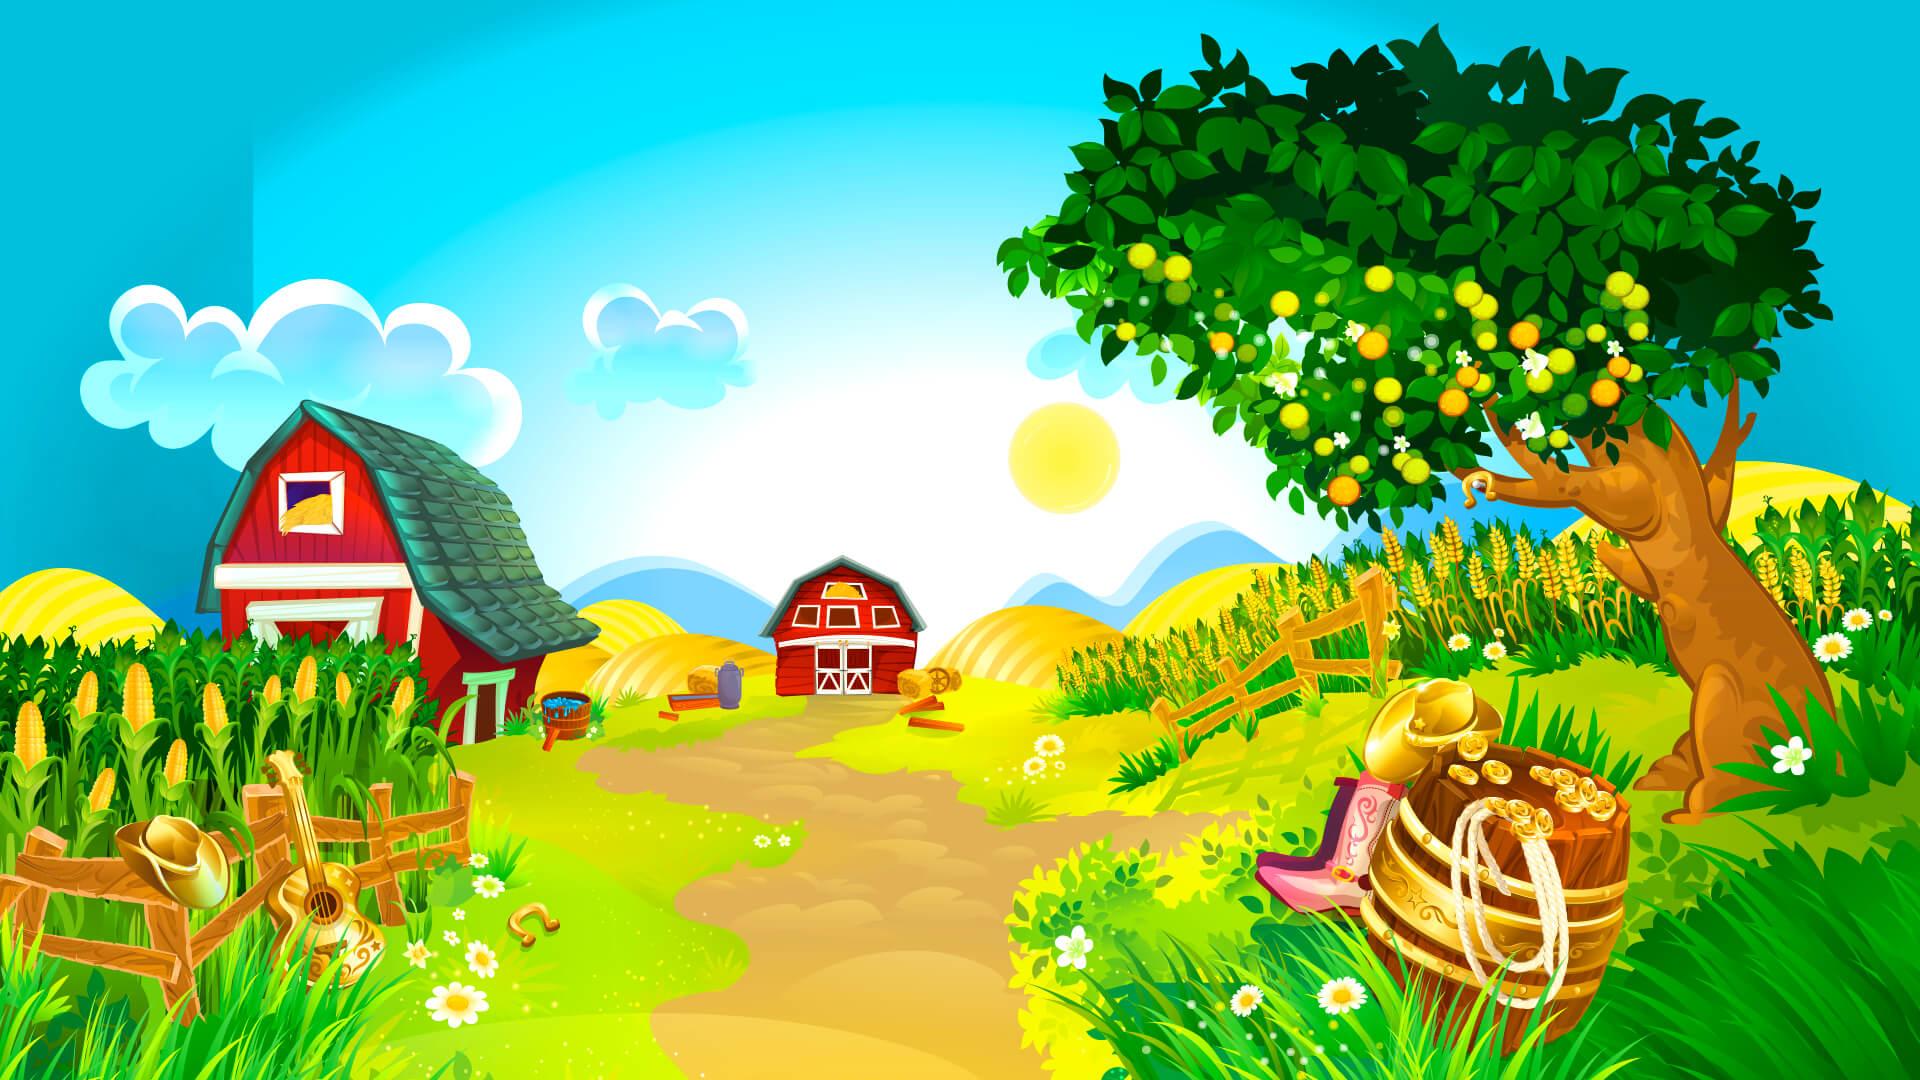 Hintergrund mit hoher Auflösung Oink Country Love